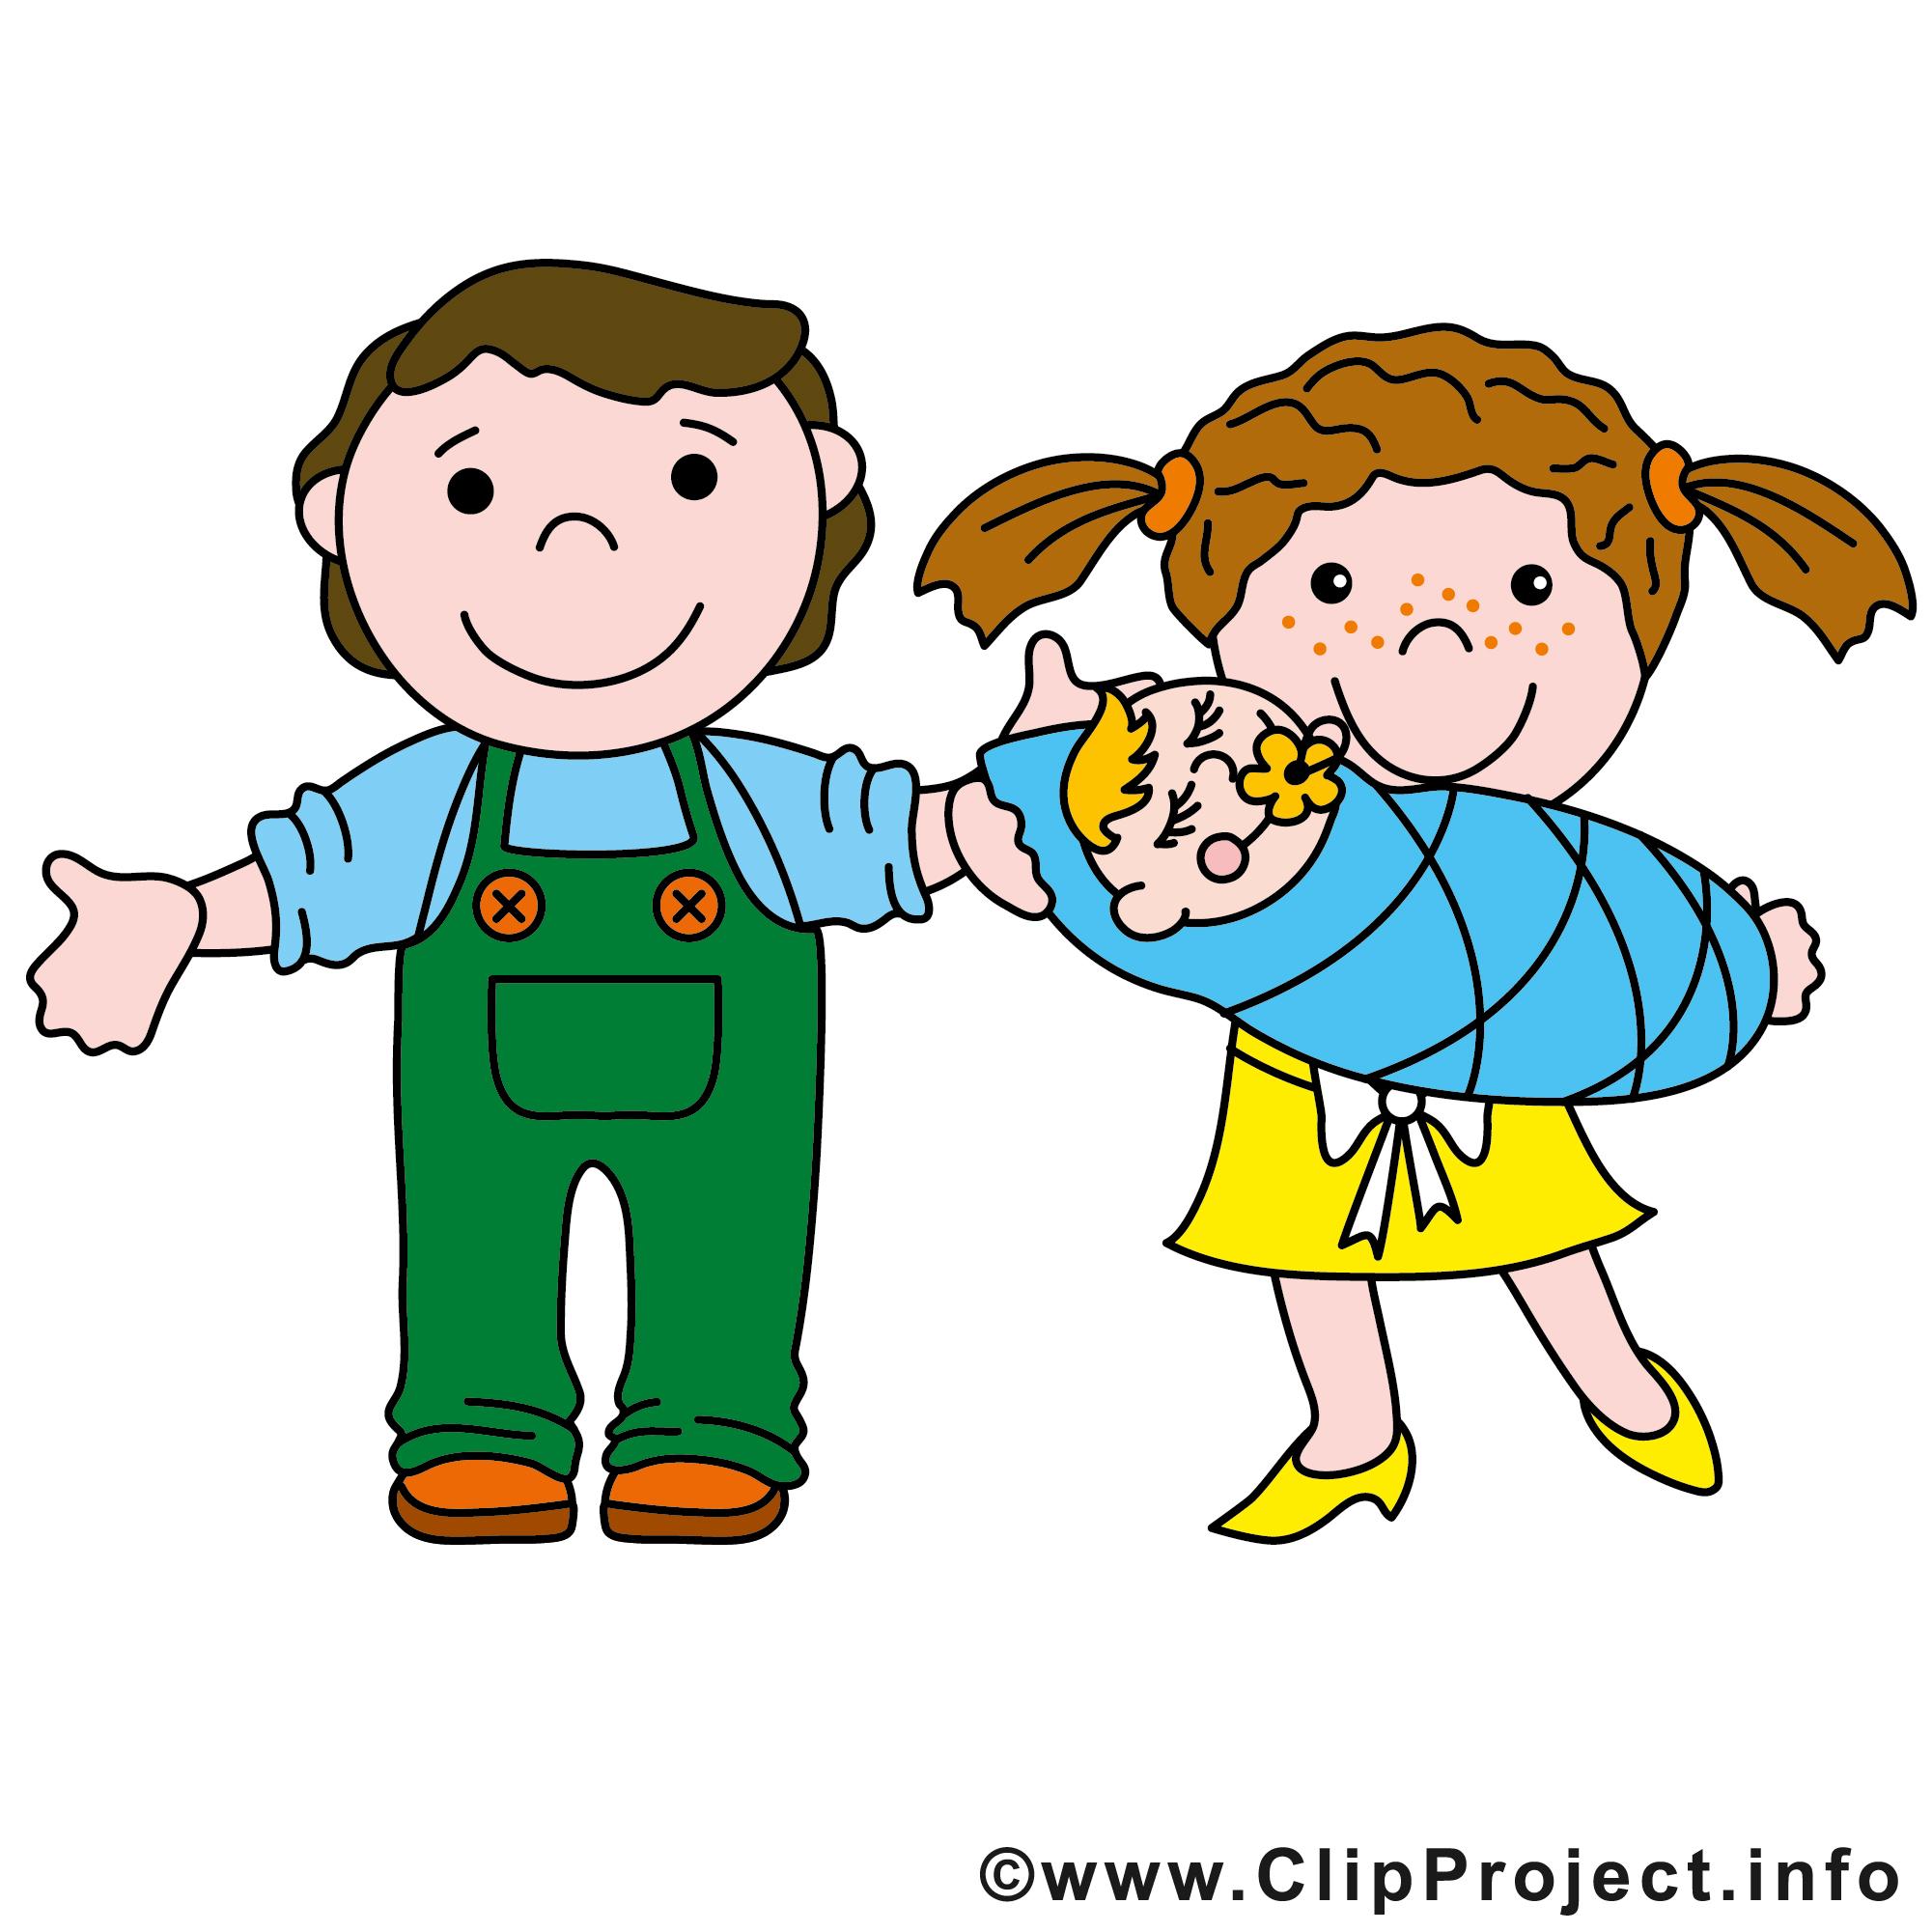 Famille Clipart Gratuit Bebe Dessins Gratuits Divers Dessin Picture Image Graphic Clip Art Telecharger Gratuit